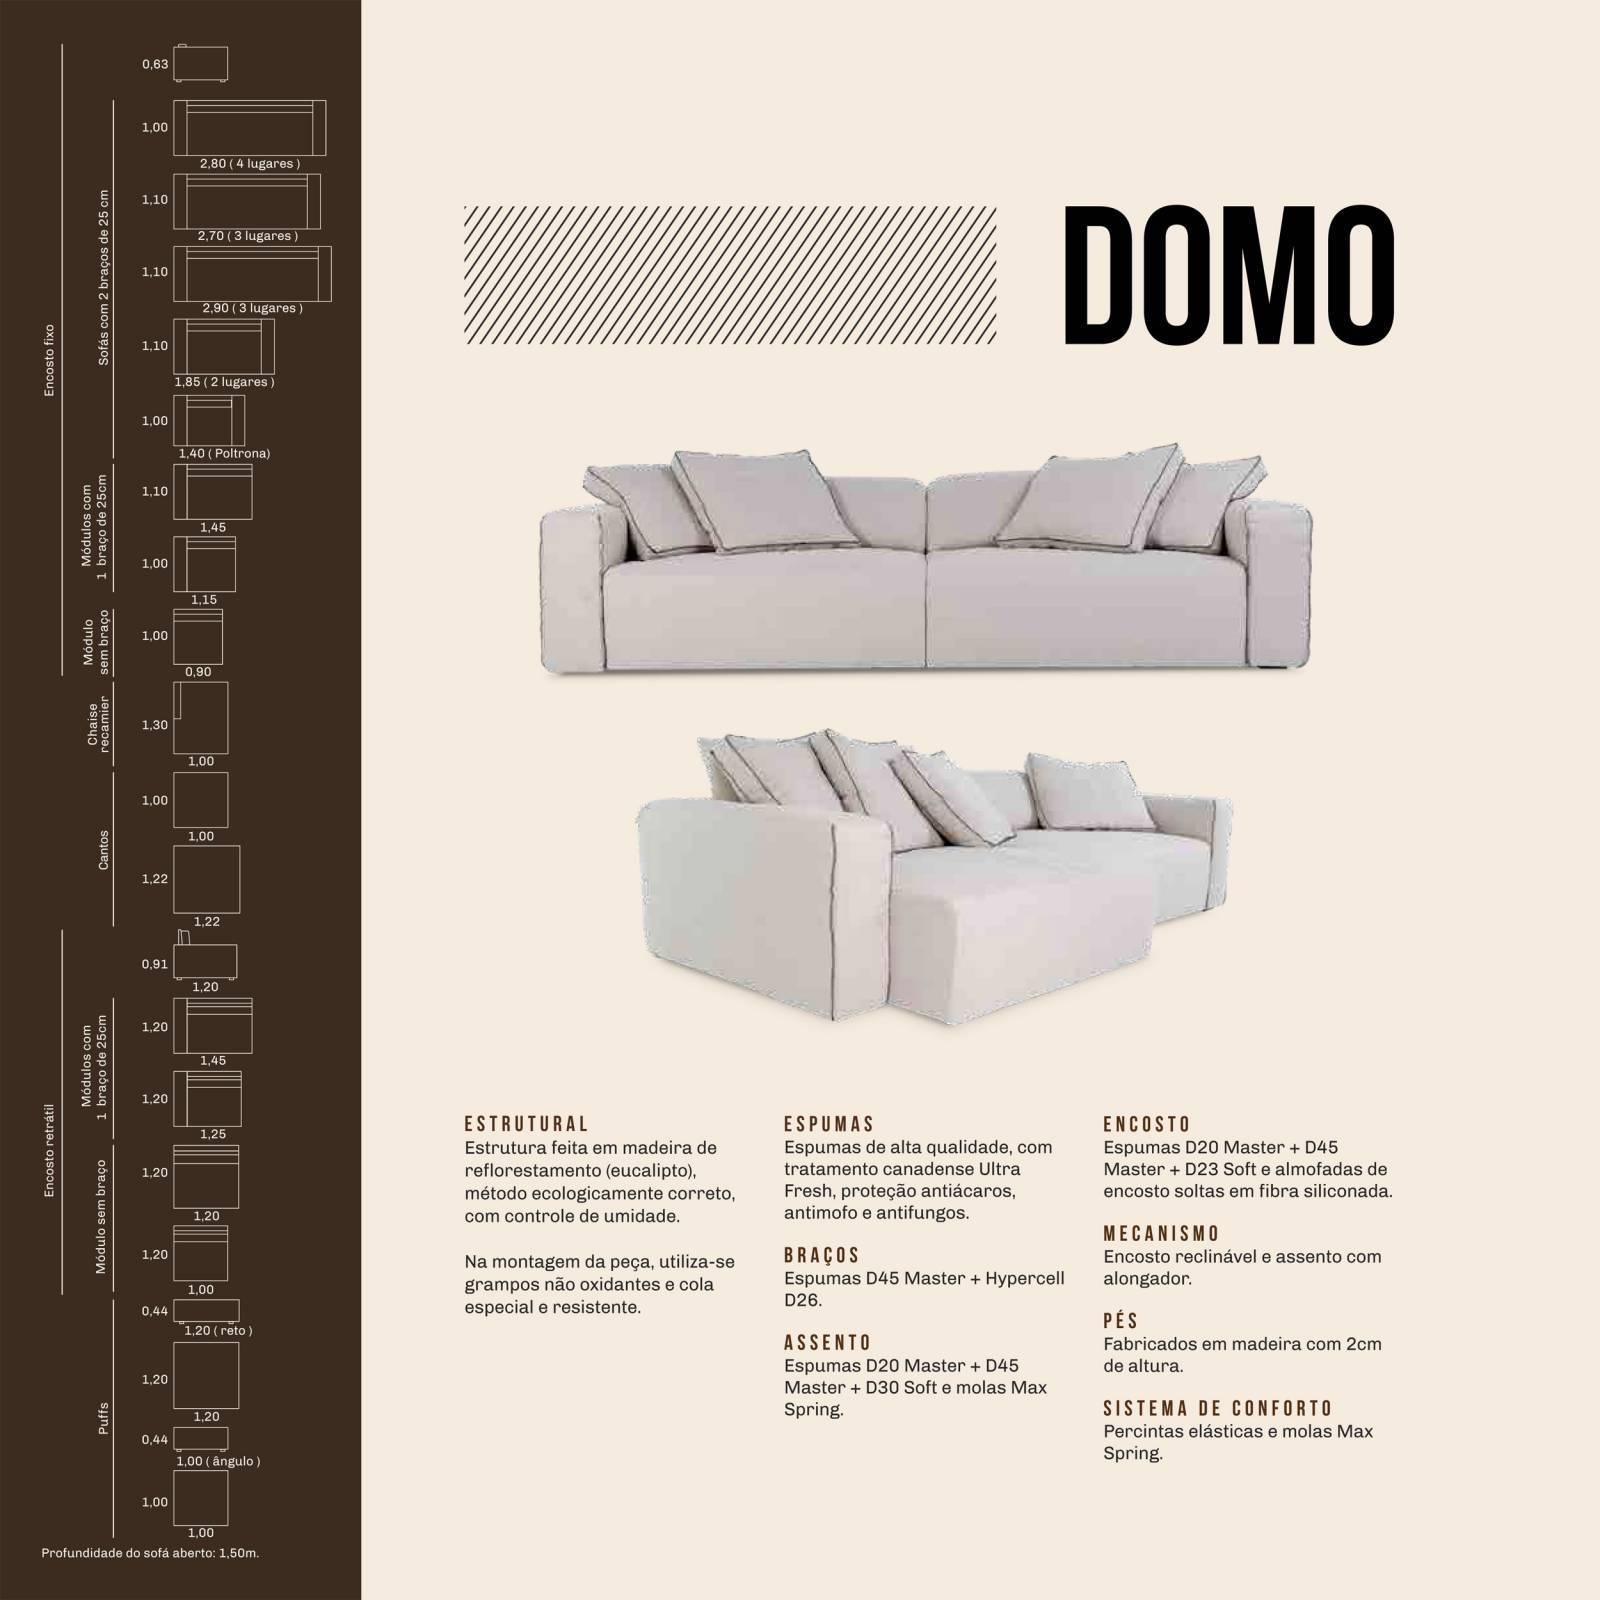 Estofado Domo Mannes - All Home